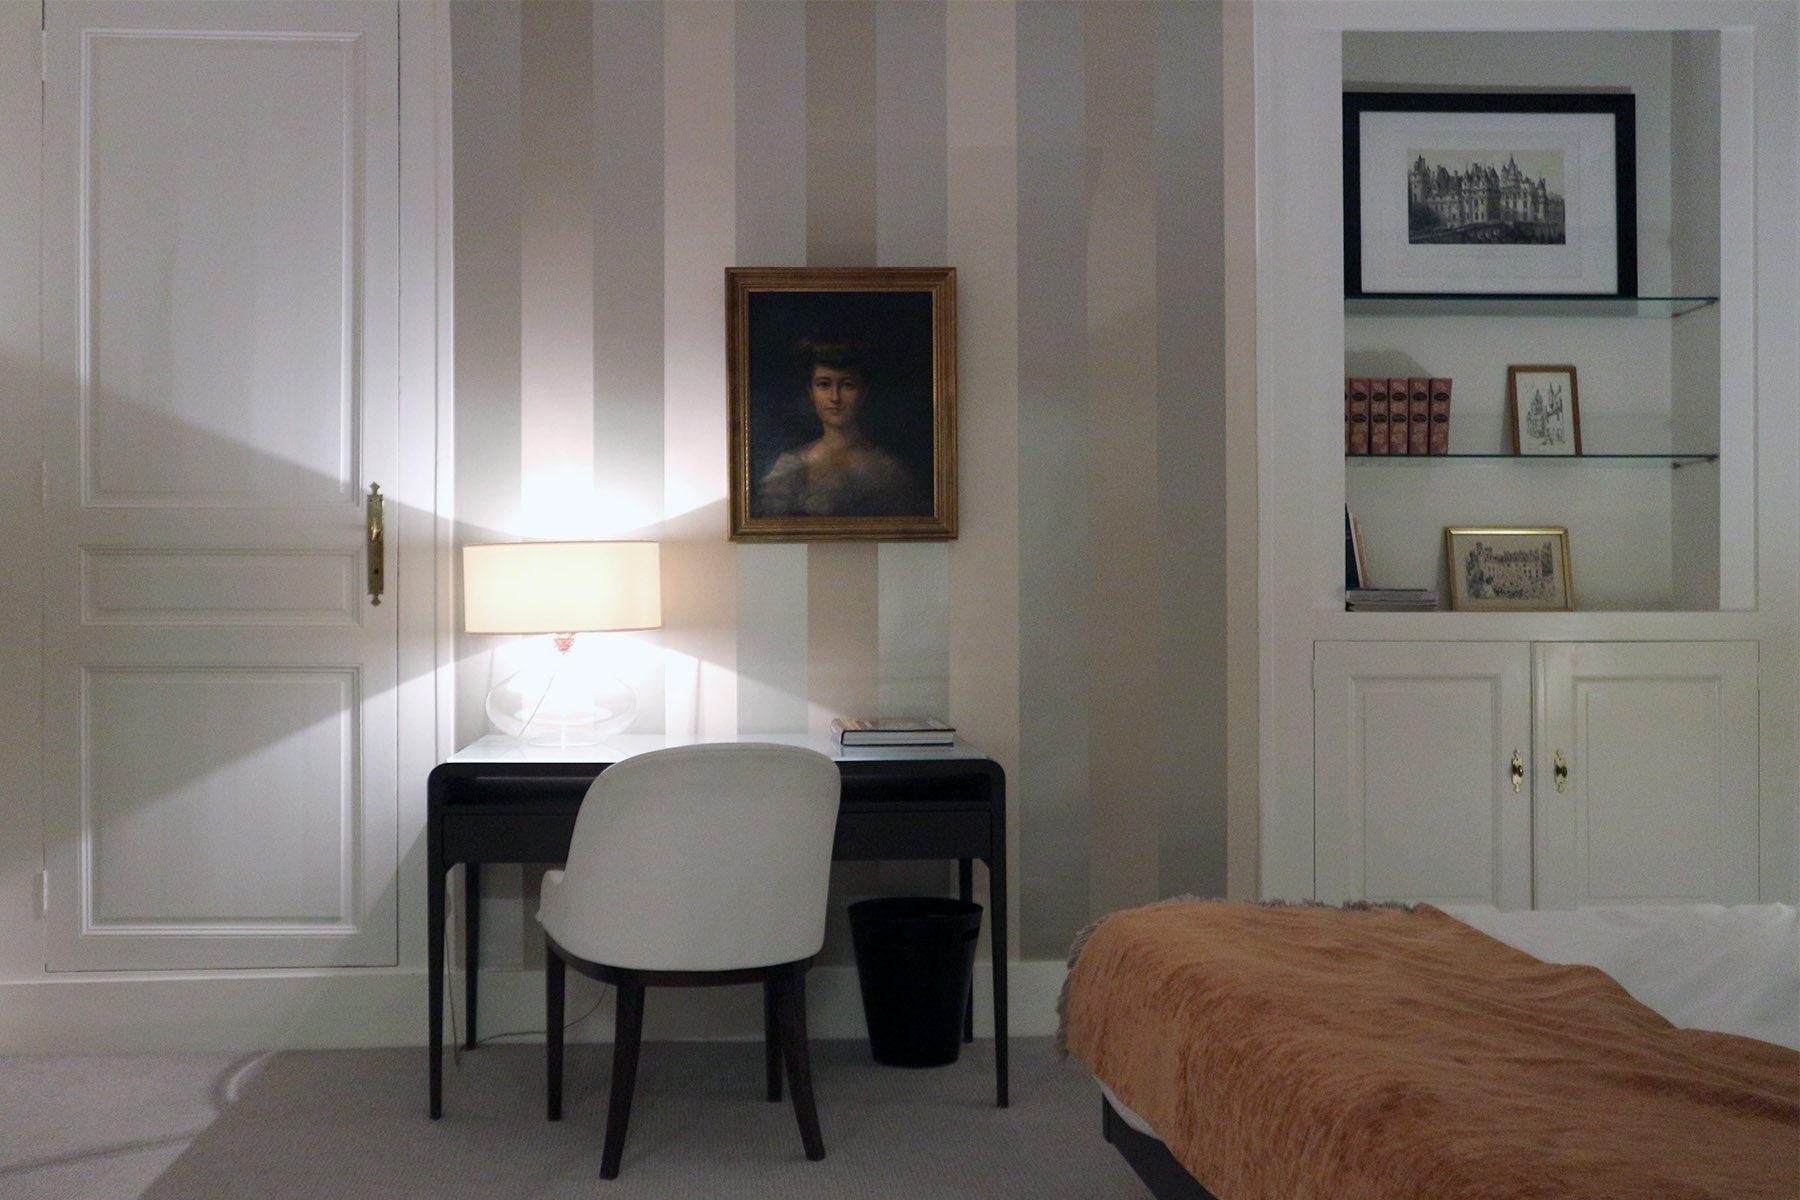 Chambre Grégoire. Das Zimmer trägt den Namen eines der bedeutendsten französischen Geschichtsschreibers und Bischofs von Tours.